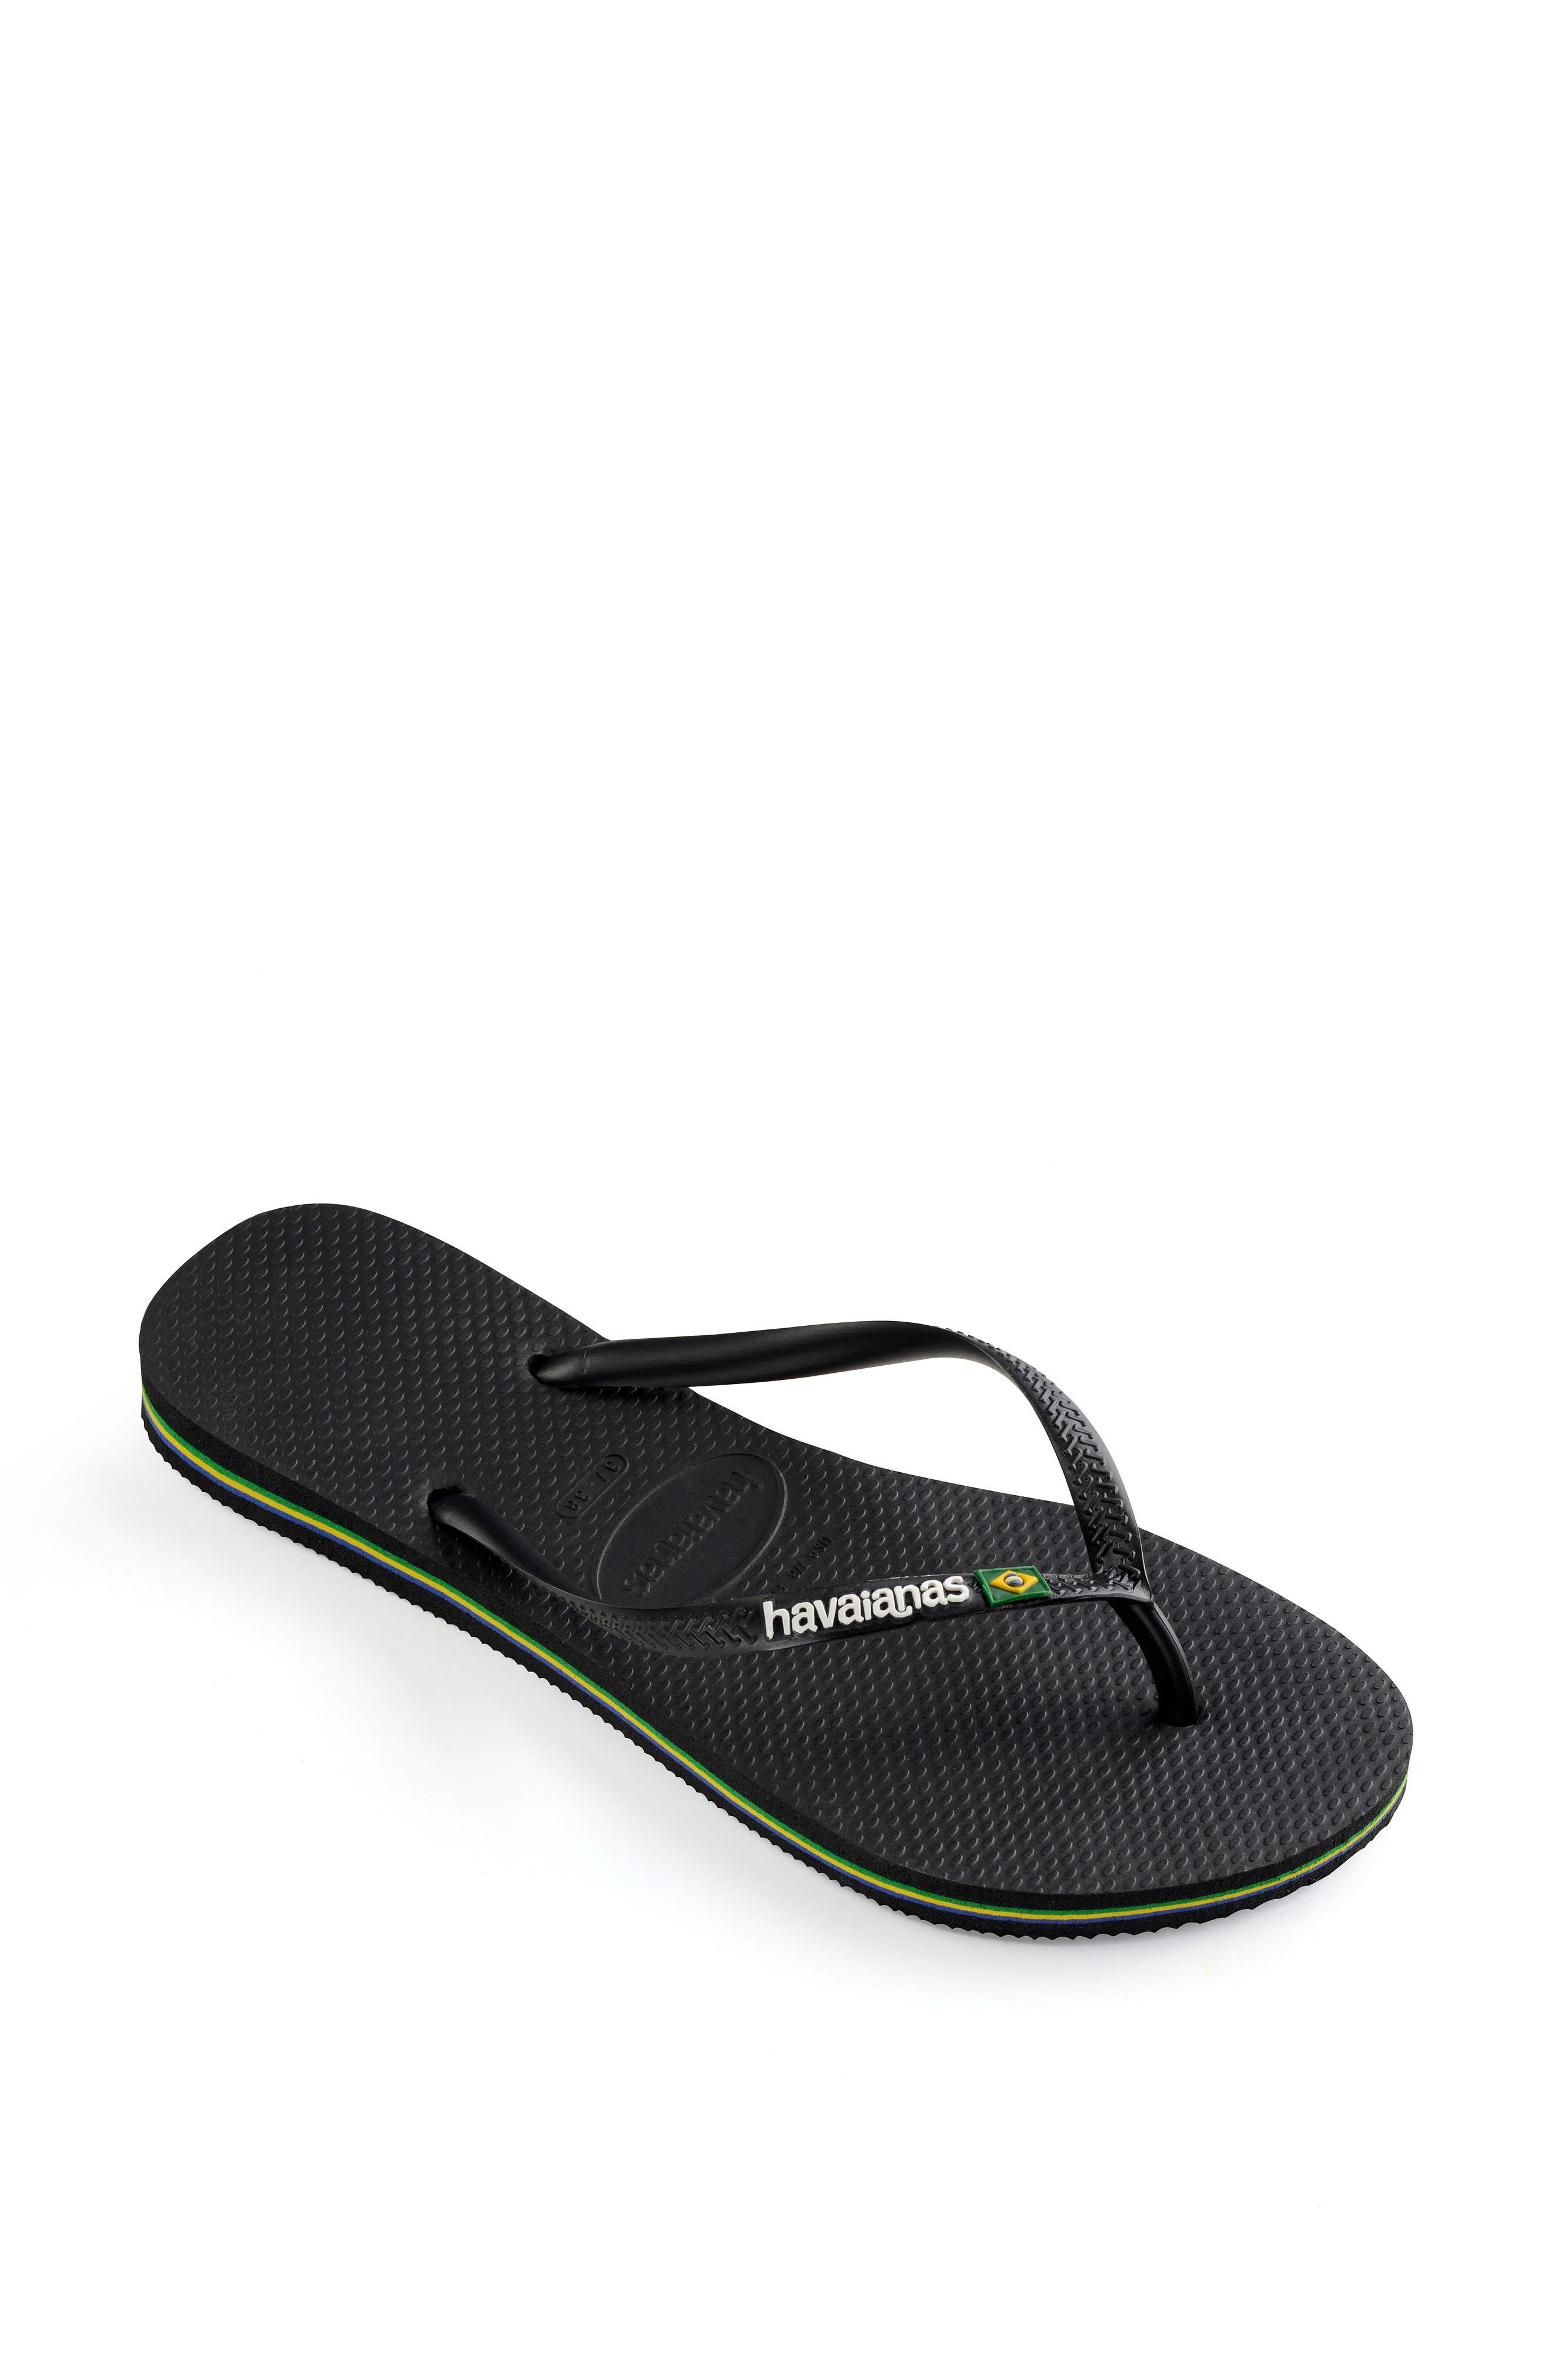 HAVAIANAS, Slim Brazil Flip Flop, Alternate thumbnail 2, color, BLACK